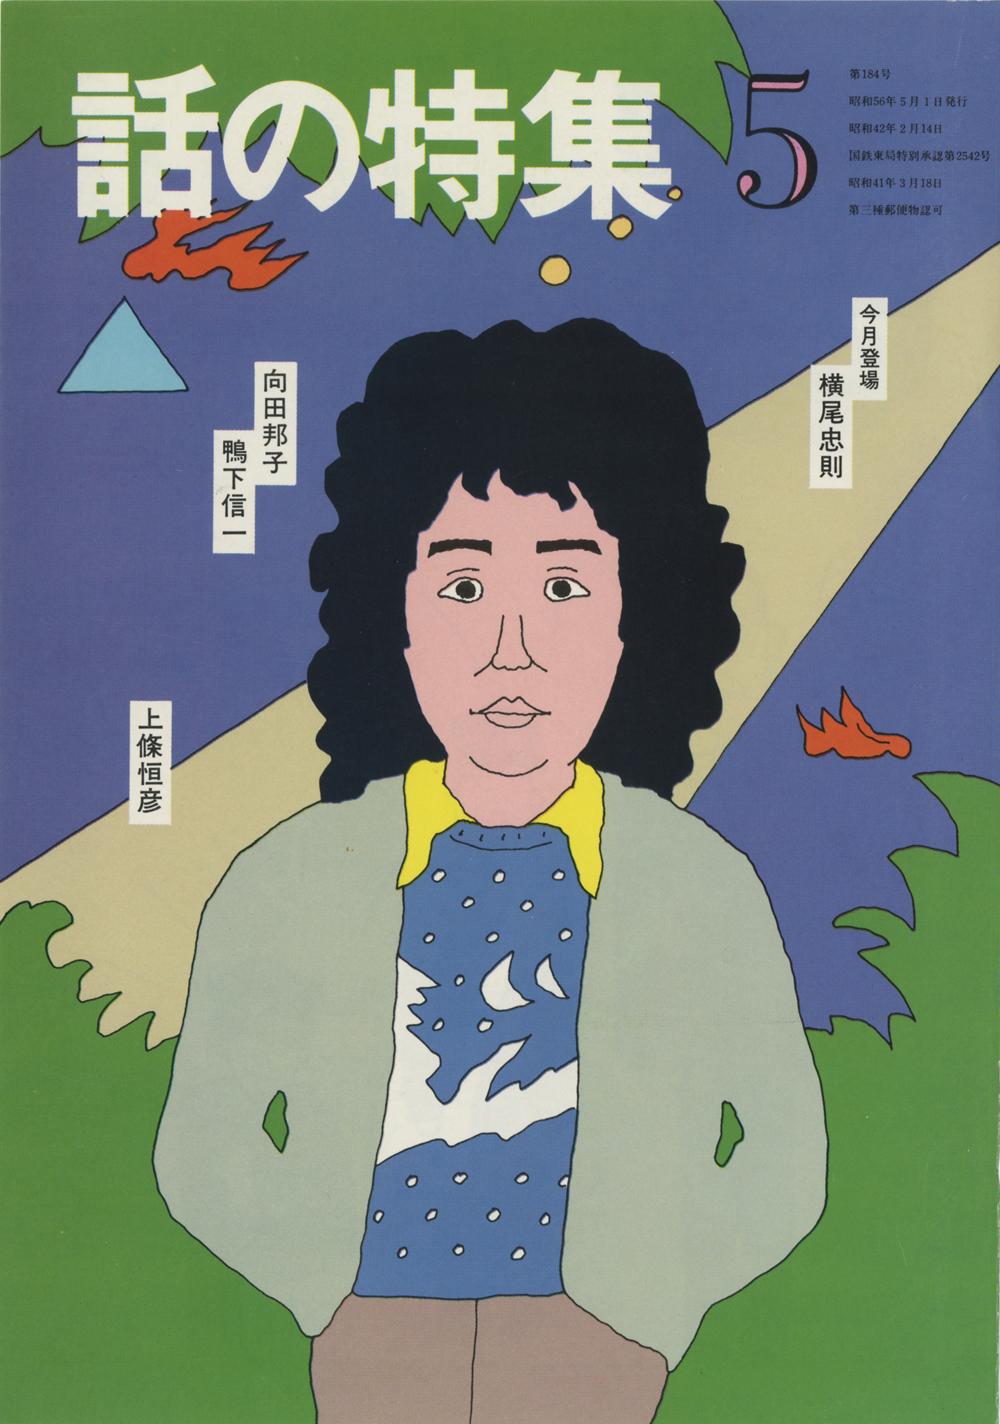 和田誠と日本のイラストレーションたばこと塩の博物館(東京